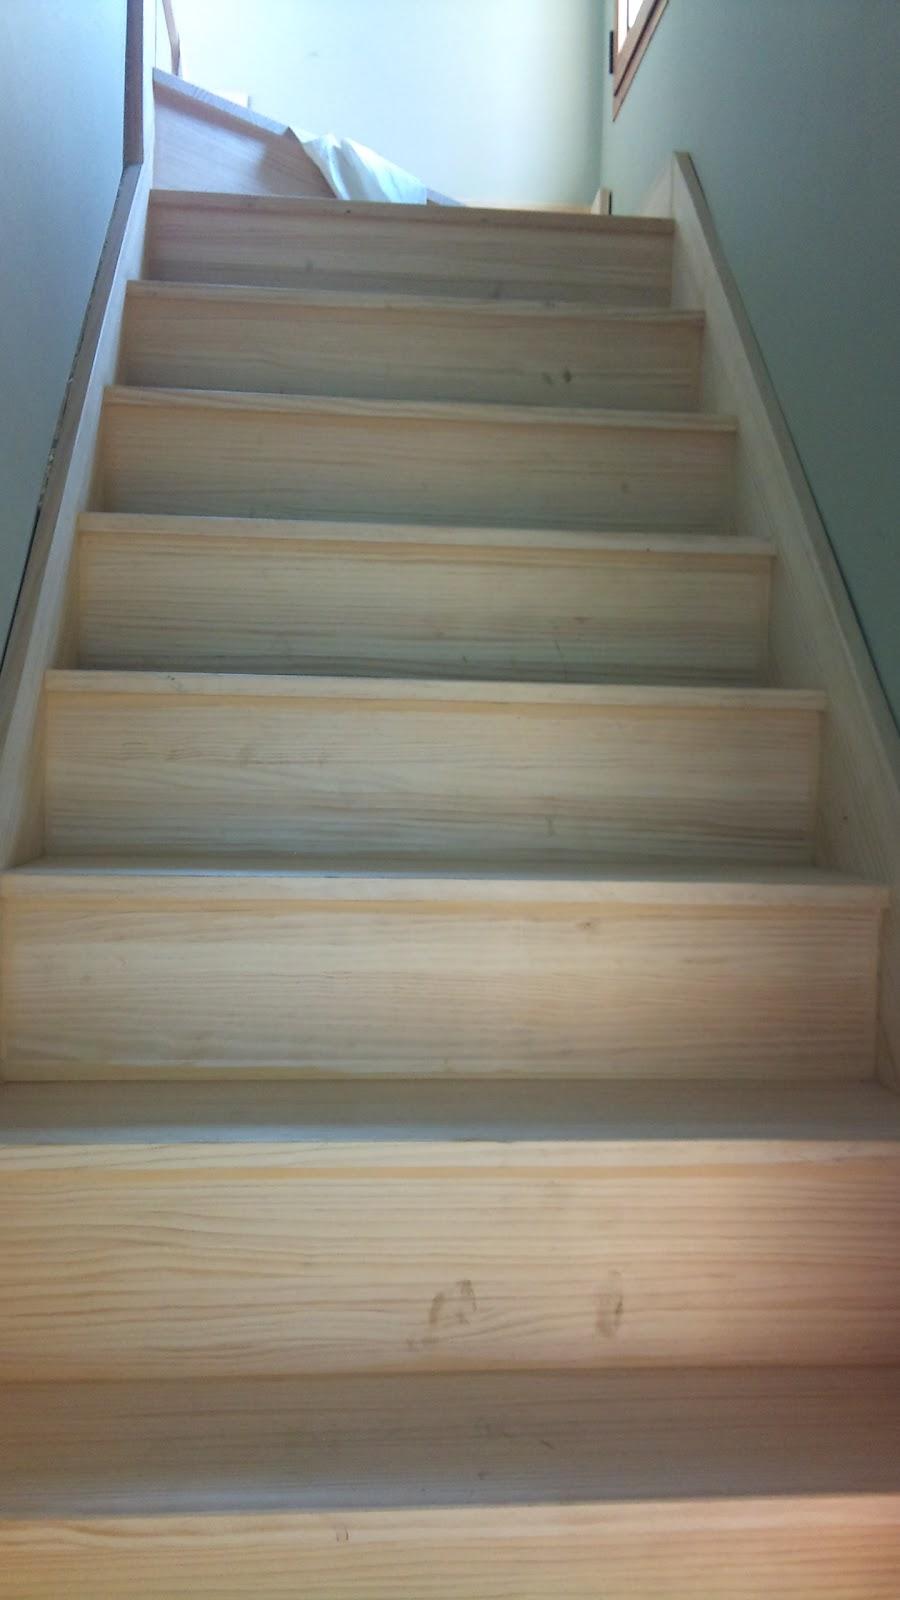 Se hacen trabajos de carpinteria y aluminio escaleras barandas y zocalos - Zocalos para escaleras ...